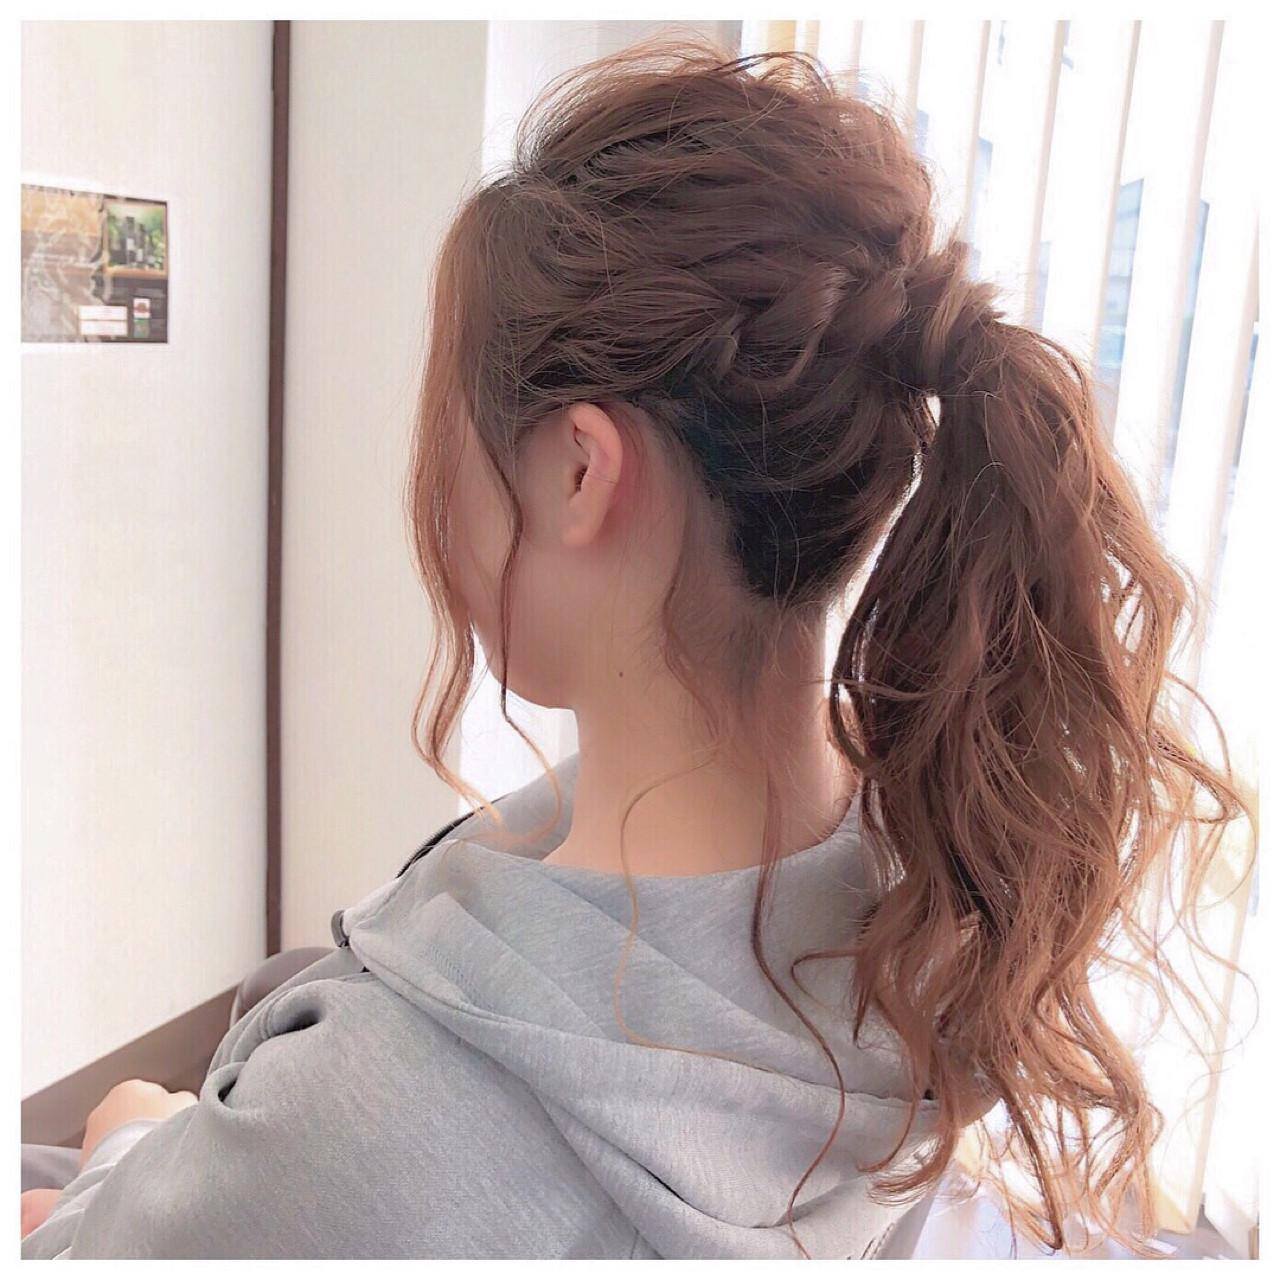 ふわっふわポニーテールの簡単ヘアアレンジ ヤマナカサトル | DIOR of Hair